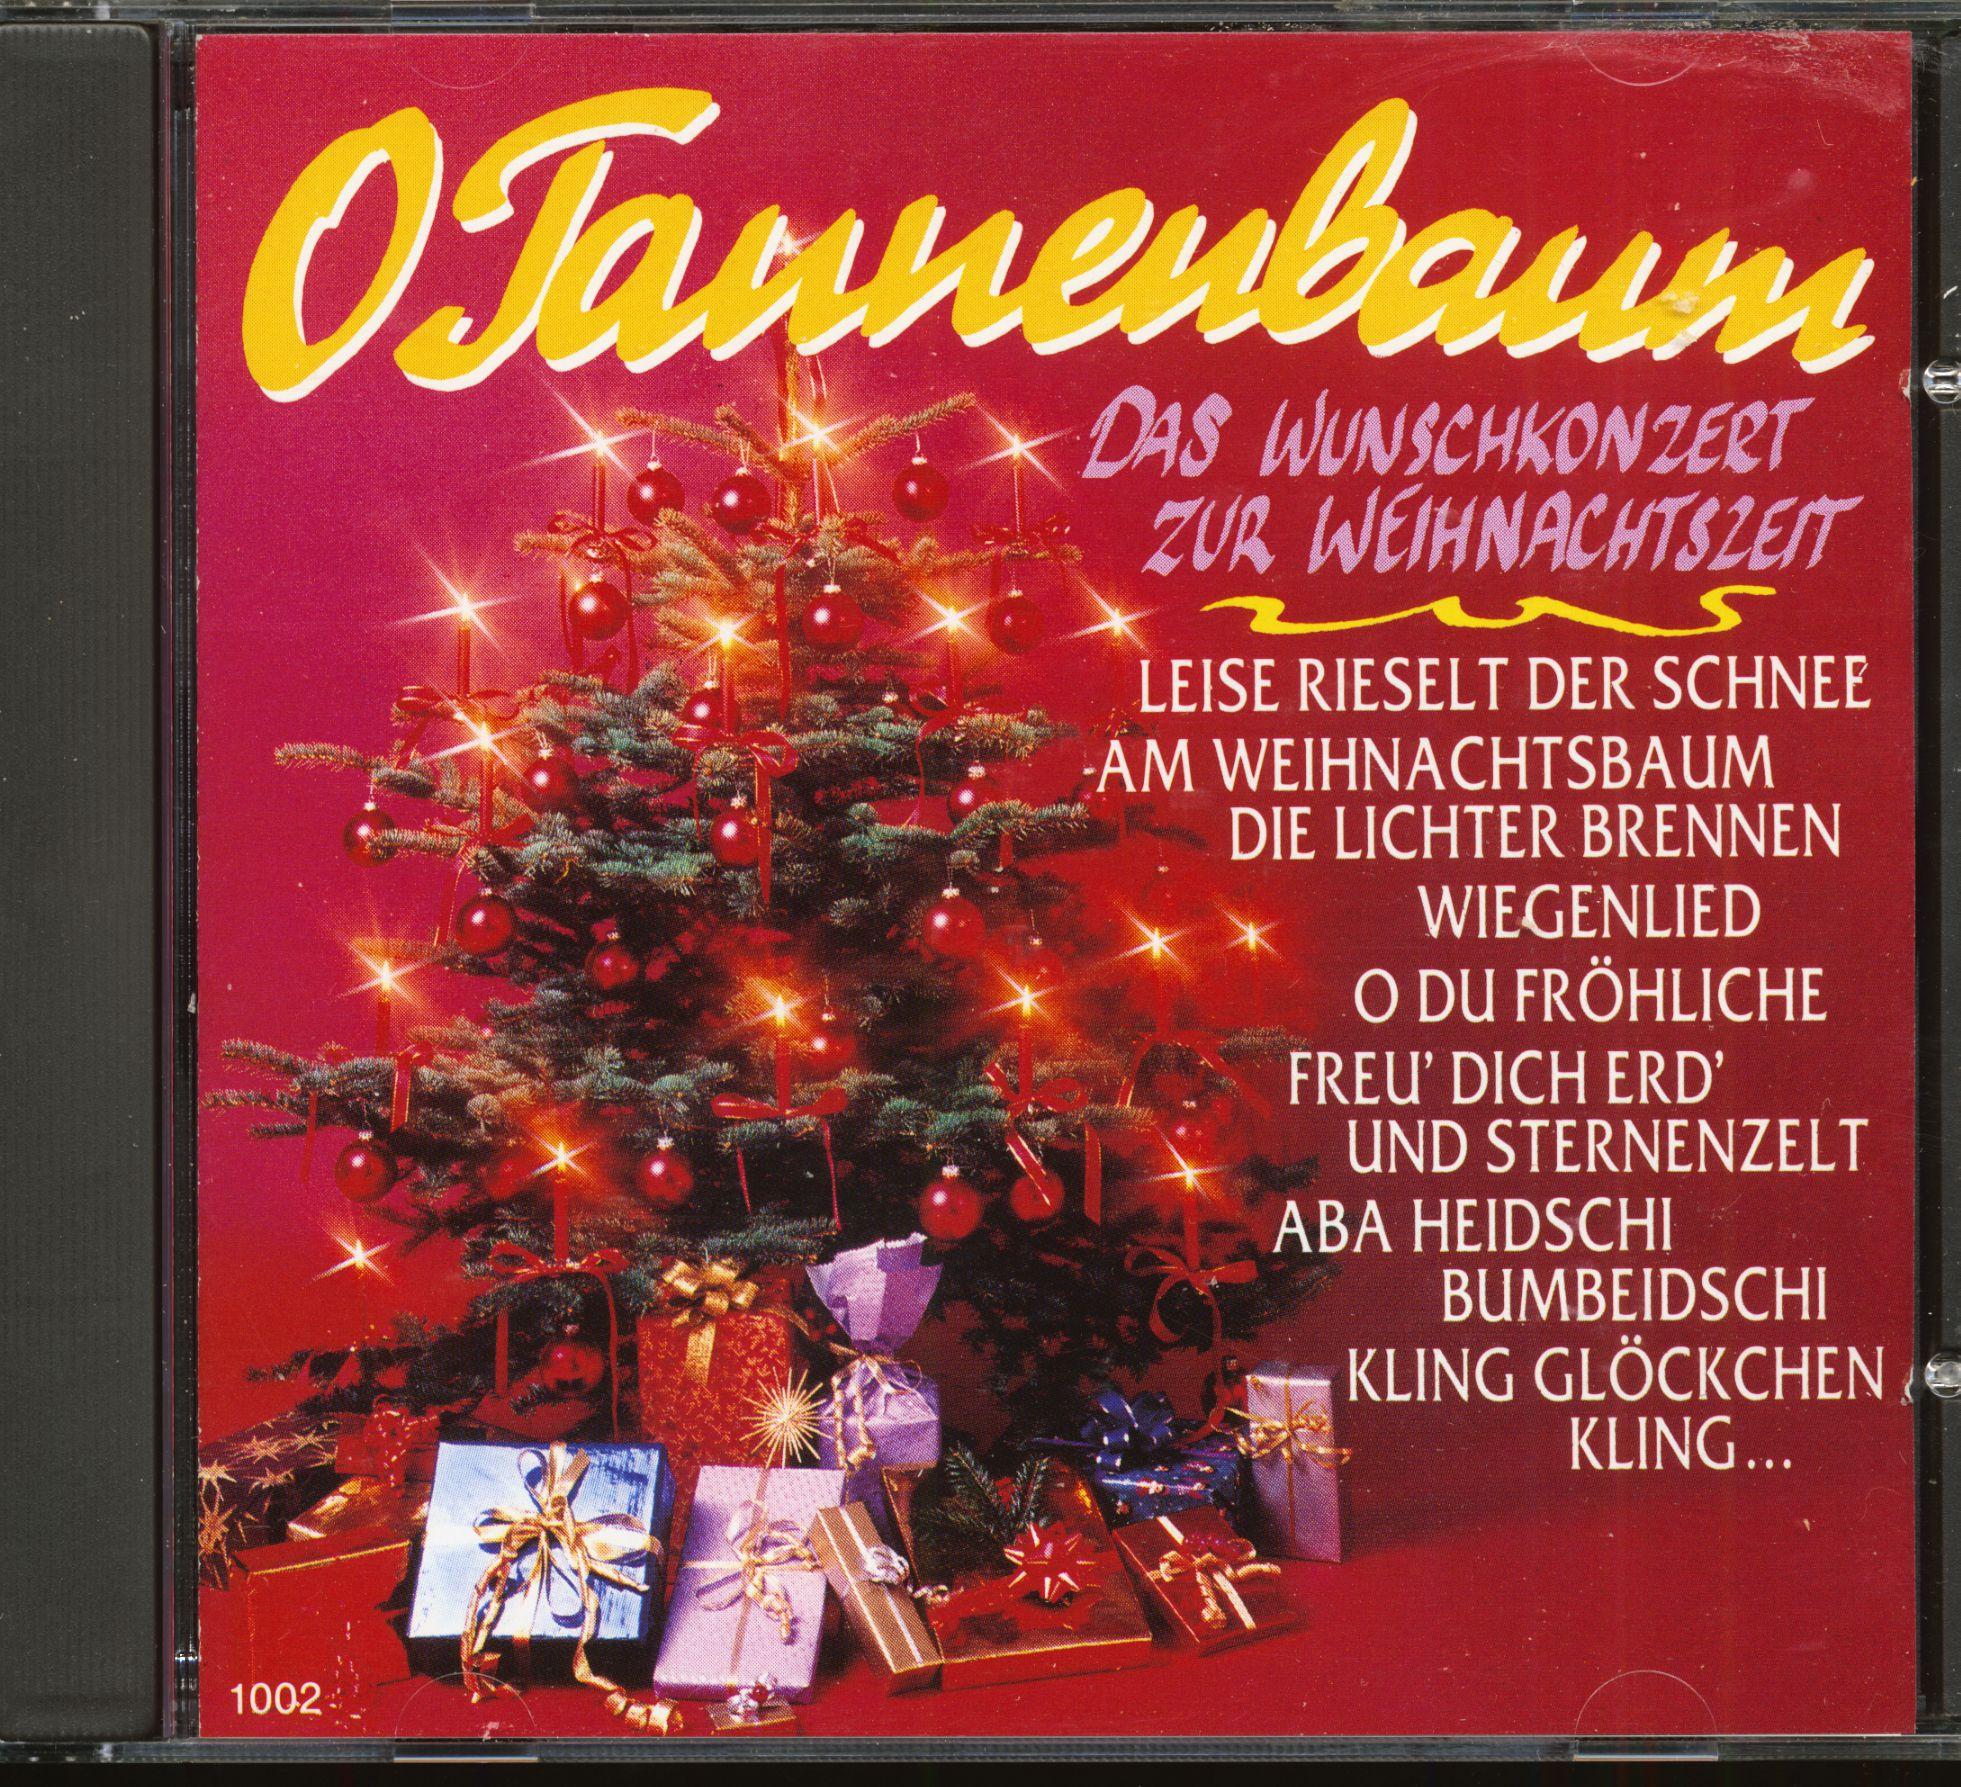 Das Tannenbaum.Various Cd O Tannenbaum Cd Bear Family Records